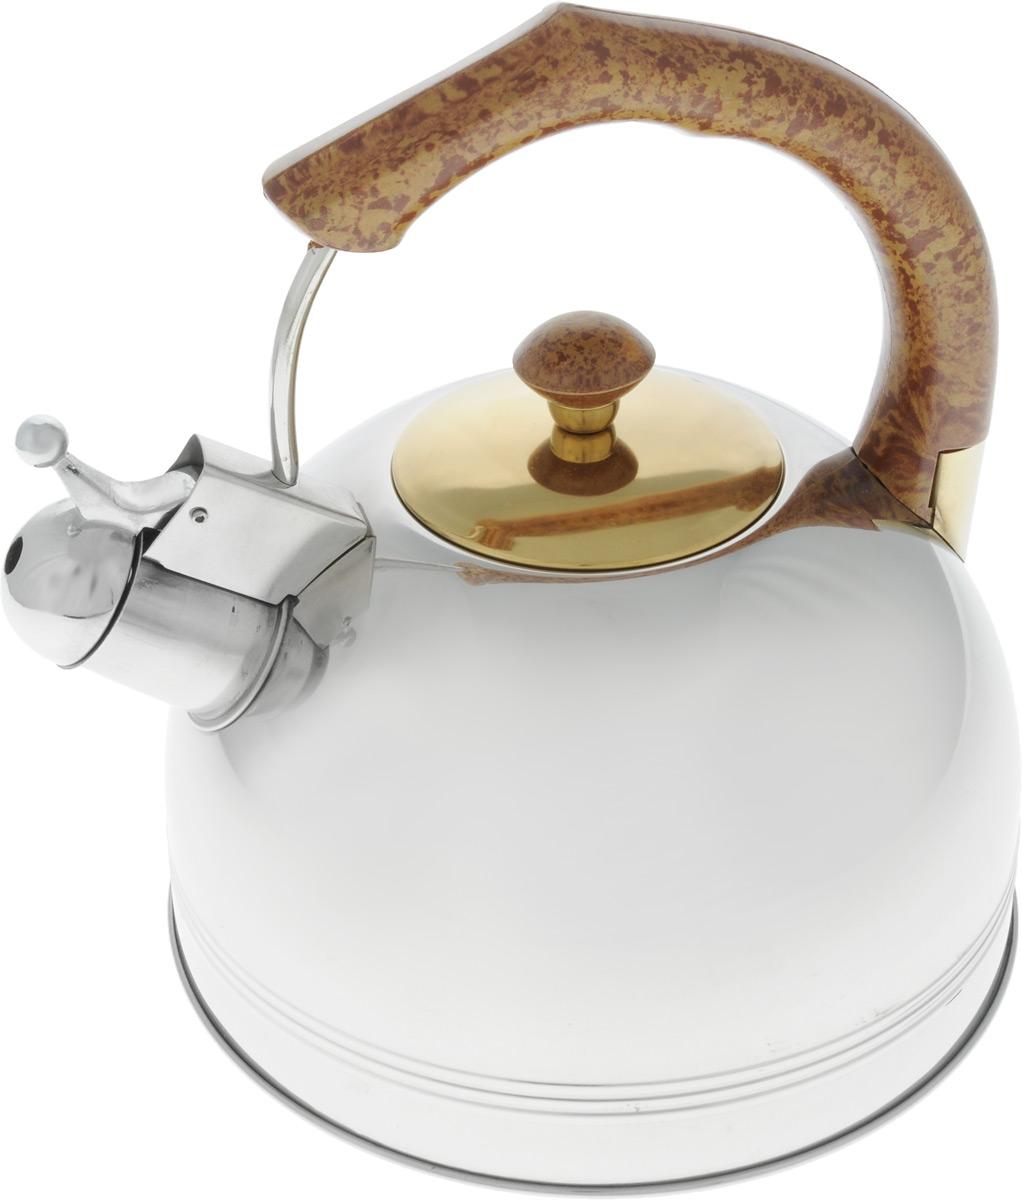 Чайник металлический BHL - 655 GDO /3,0л./ (х12)655BHLGDOЧайник Емкость 3,0л Нержавеющая сталь. Коричневая бакелитовая ручка - не нагревается. Дно подходит ДЛЯ ИНДУКЦИИ.